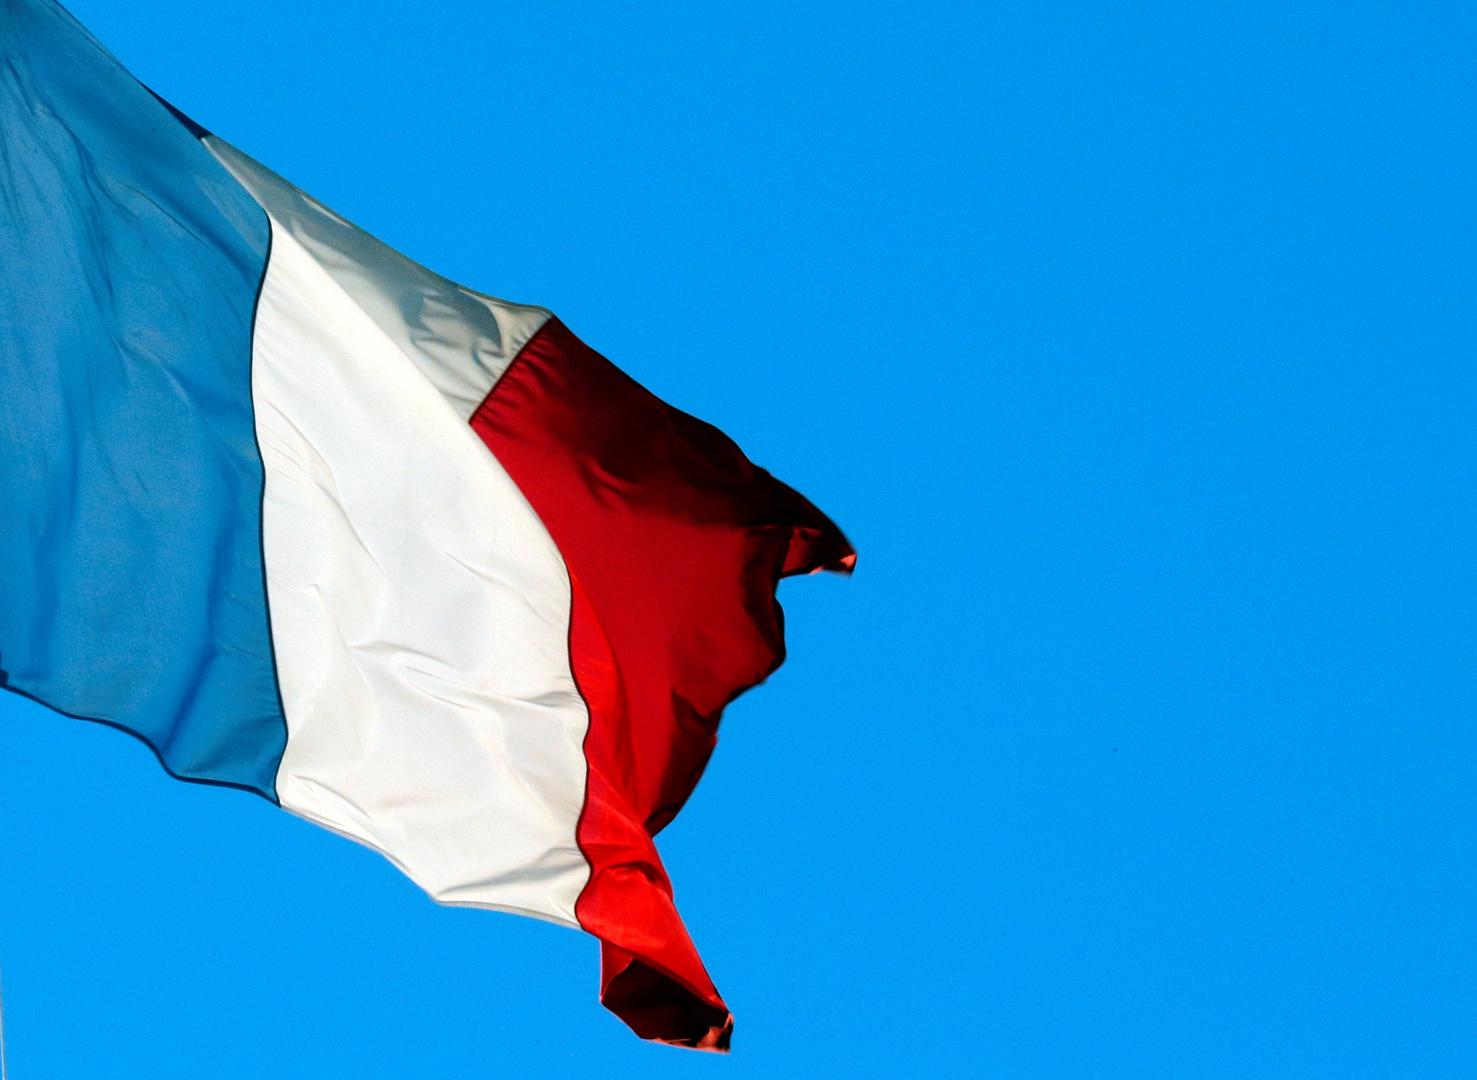 فرنسا تدعو الولايات المتحدة للتدخل لوقف العنف بين الفلسطينيين والإسرائيليين